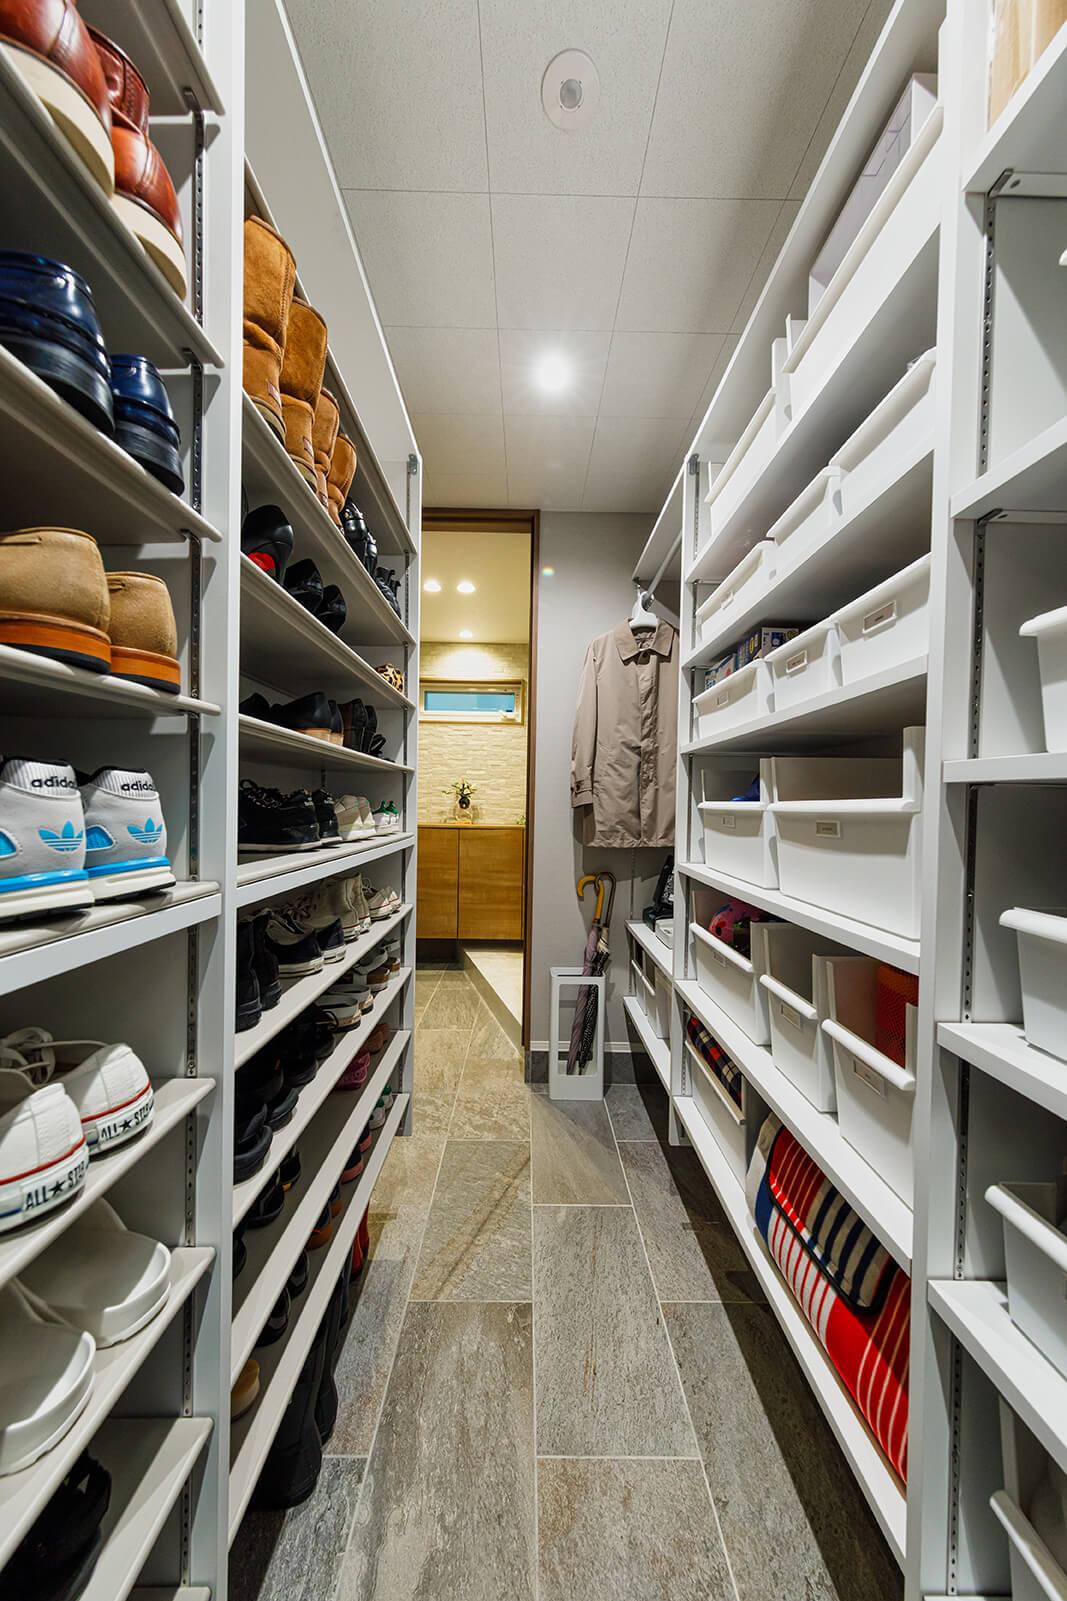 玄関横のシューズクロークは石張りの床ときれいに整えられた収納棚が圧巻です。コジマジックさんファミリーはたくさんの靴をお持ちなので、このシューズクロークは譲れないスペースだったとか。